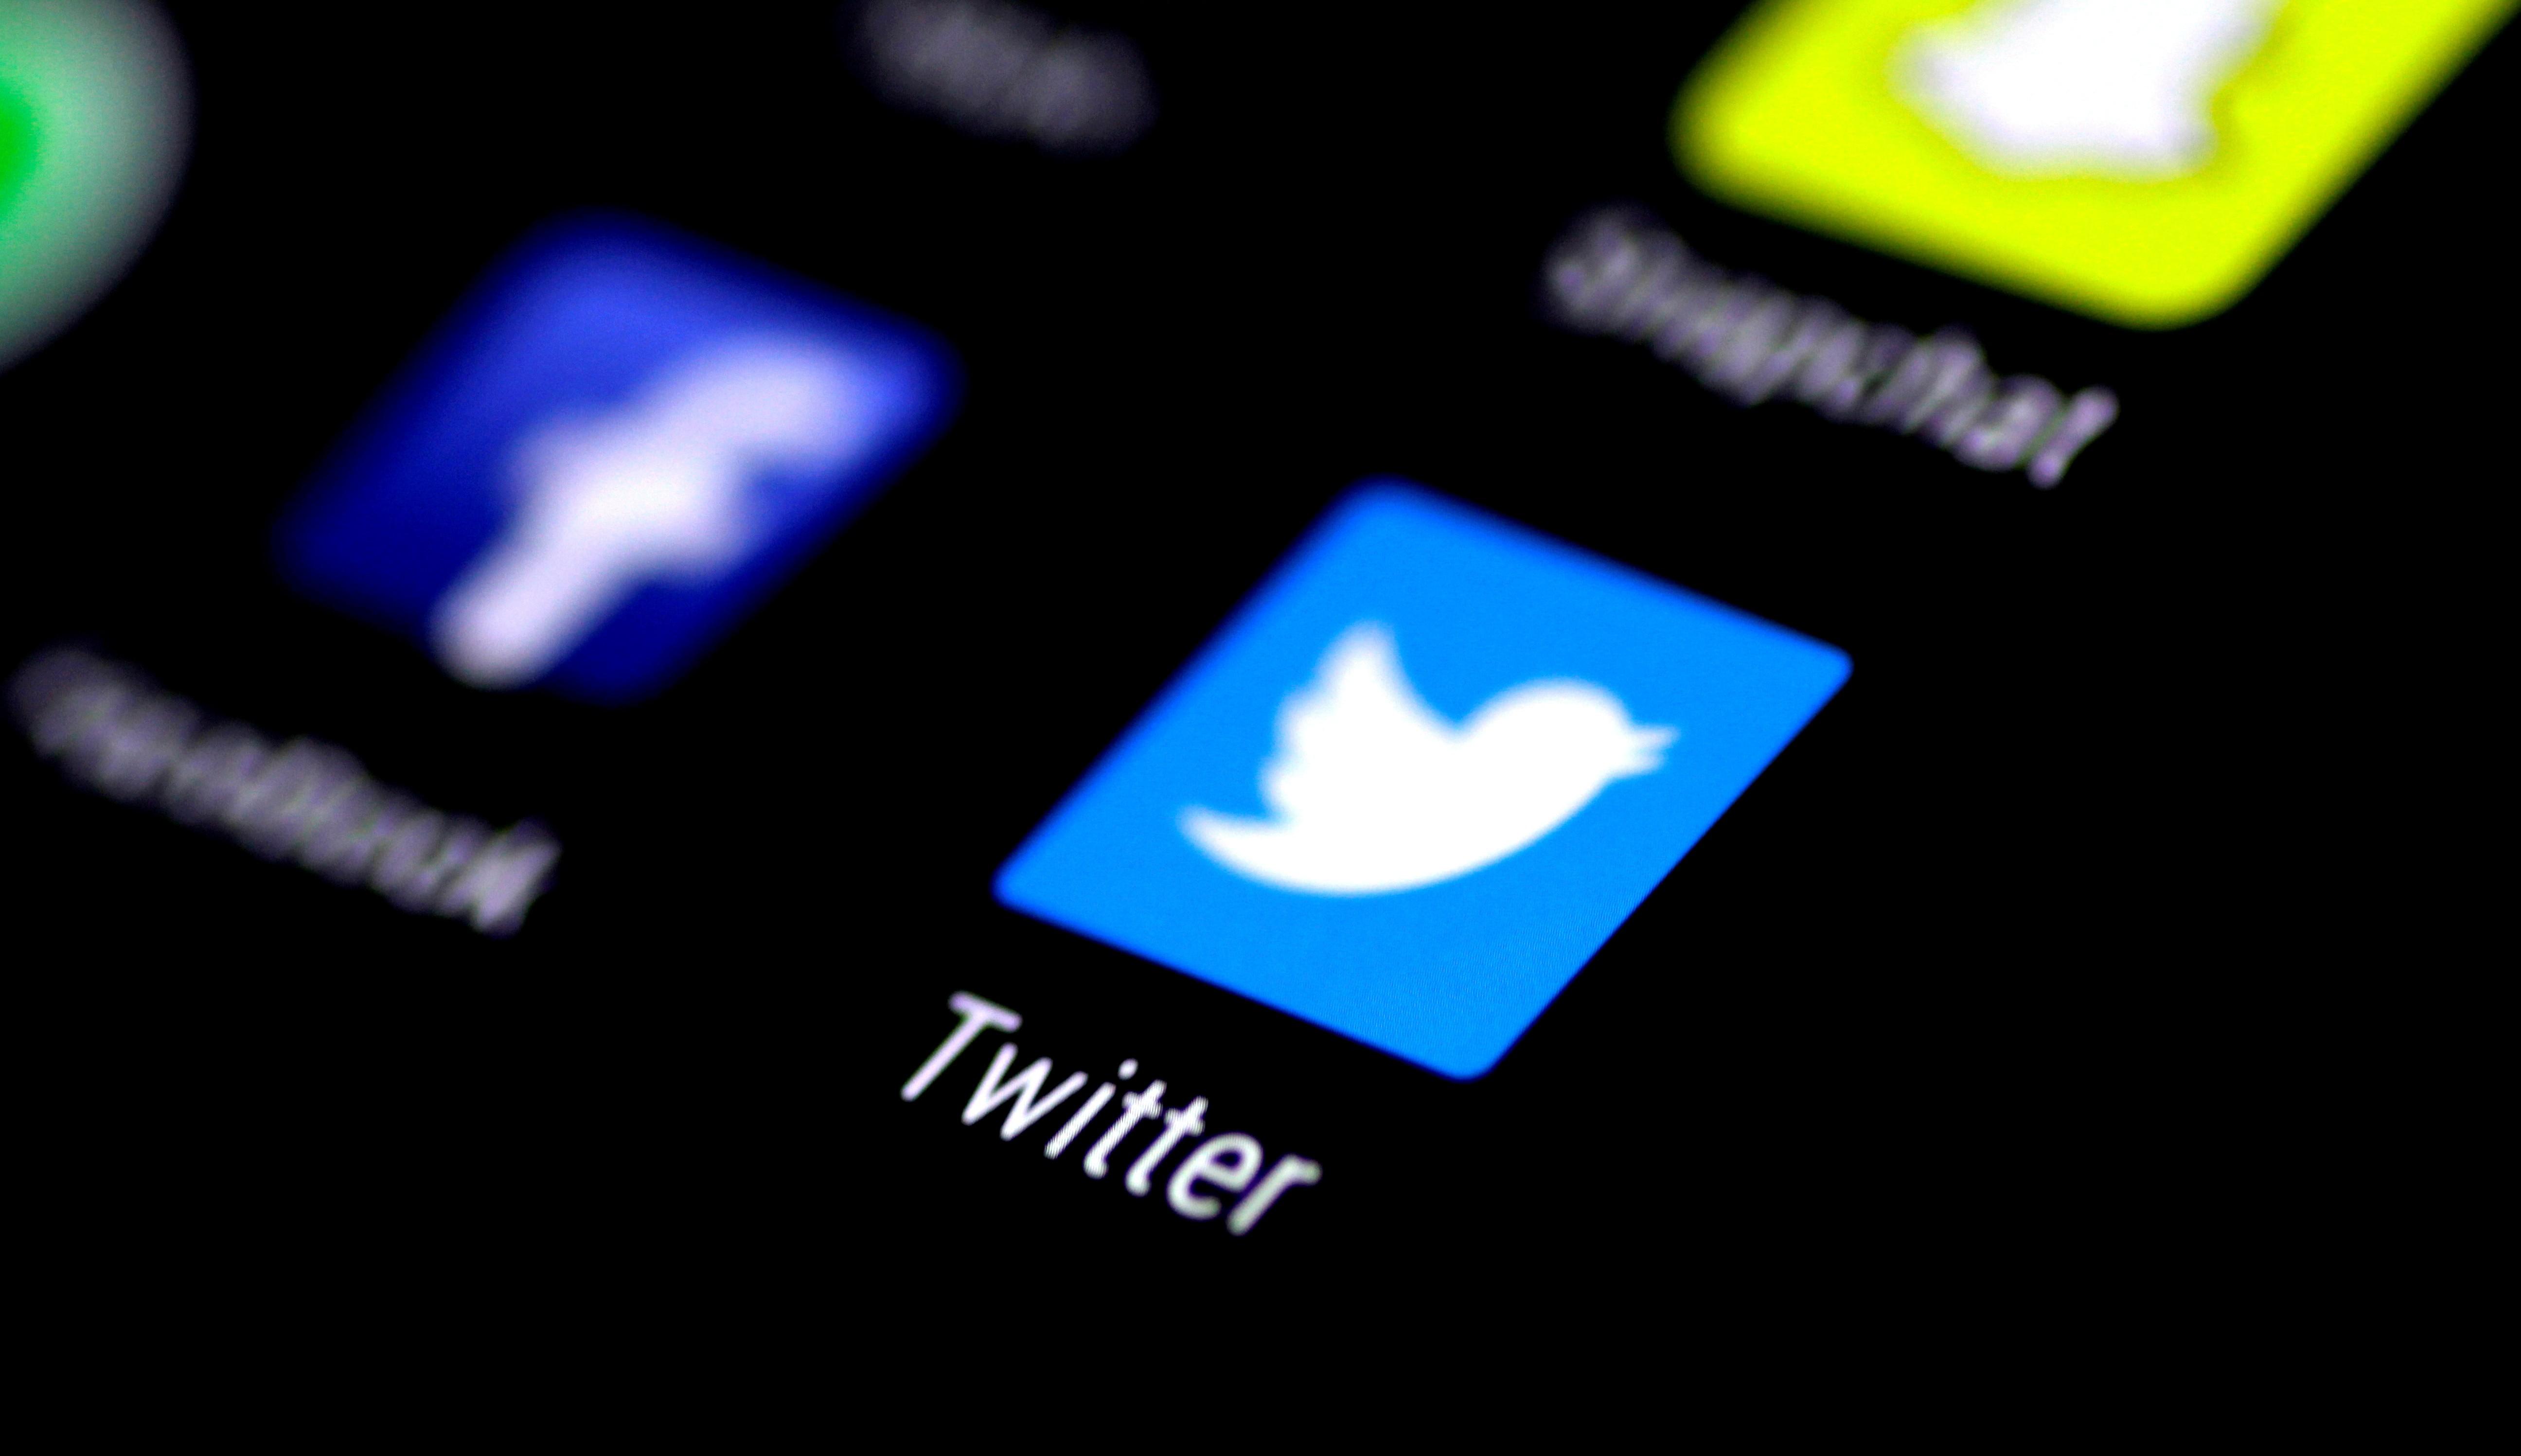 Twitter suspende contas suspeitas e usuários relatam perda de seguidores